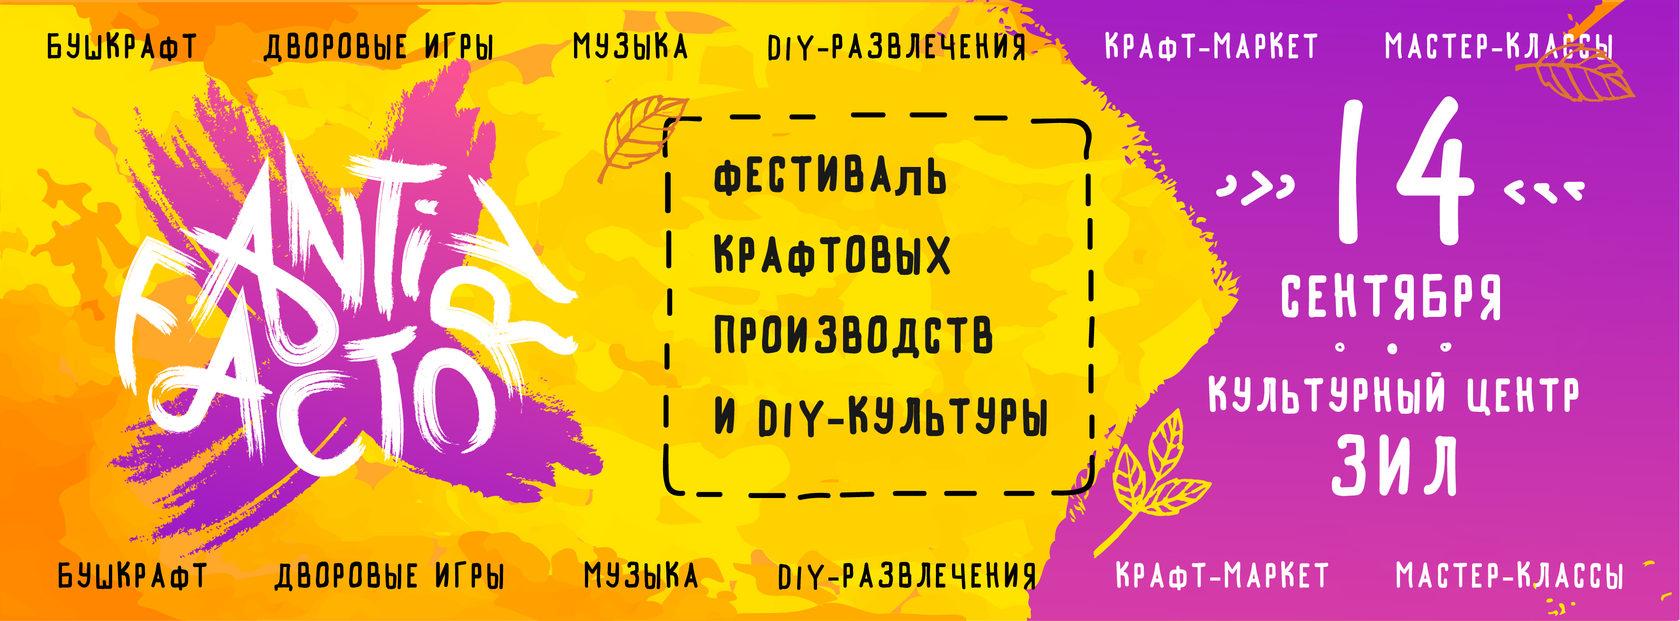 Фестиваль крафтовых производств Antifactory-2019 (Москва, 14 сентября)